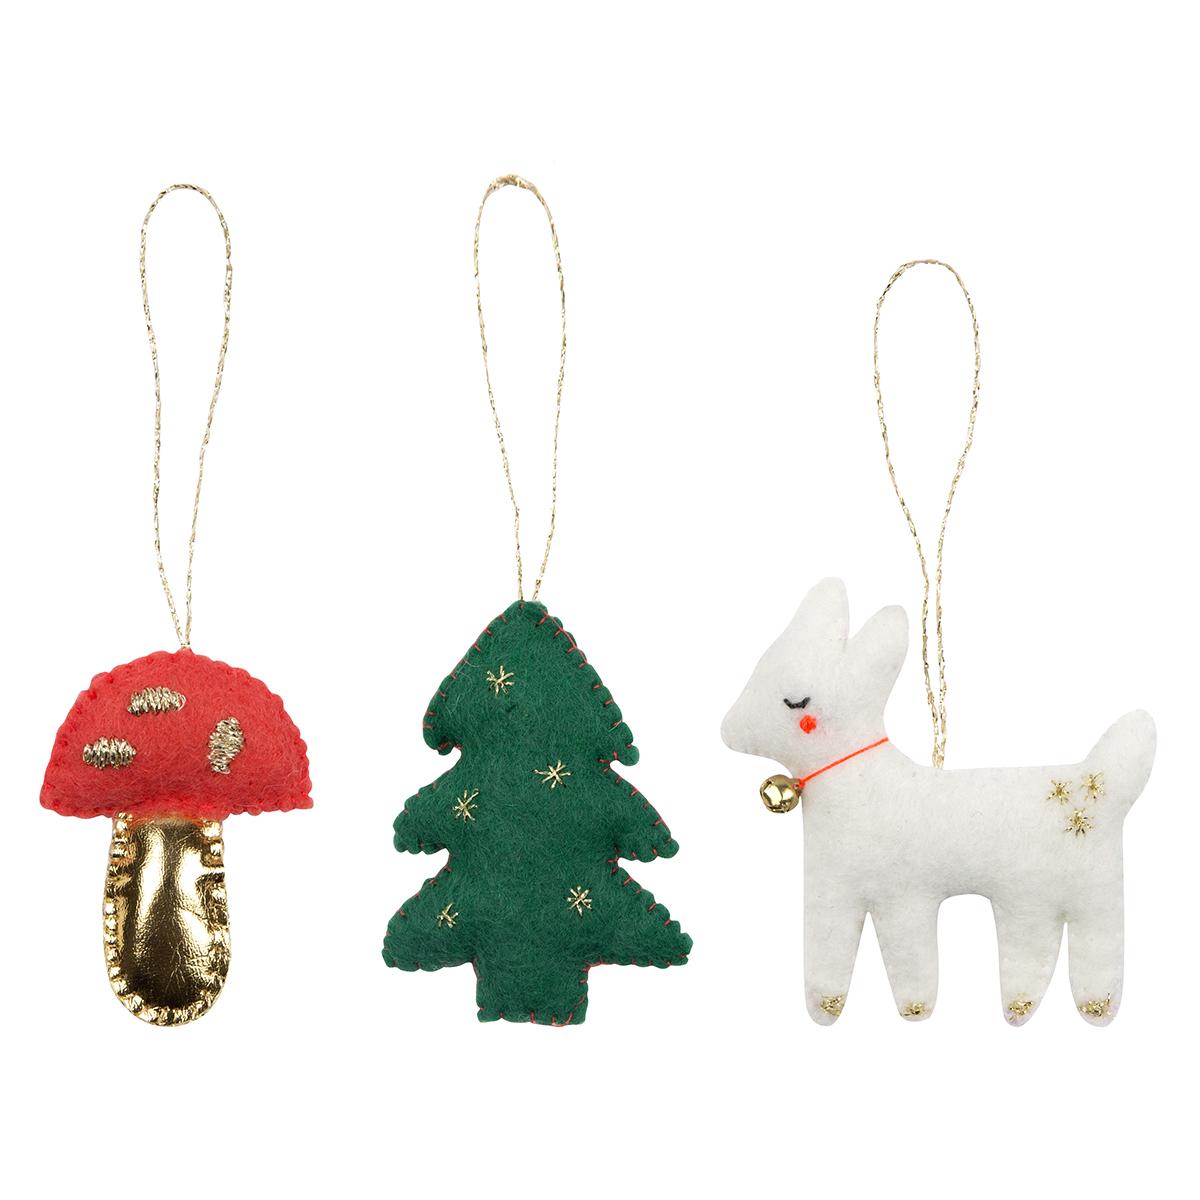 Objet décoration Lot de 3 Déco de Noël - Woodland